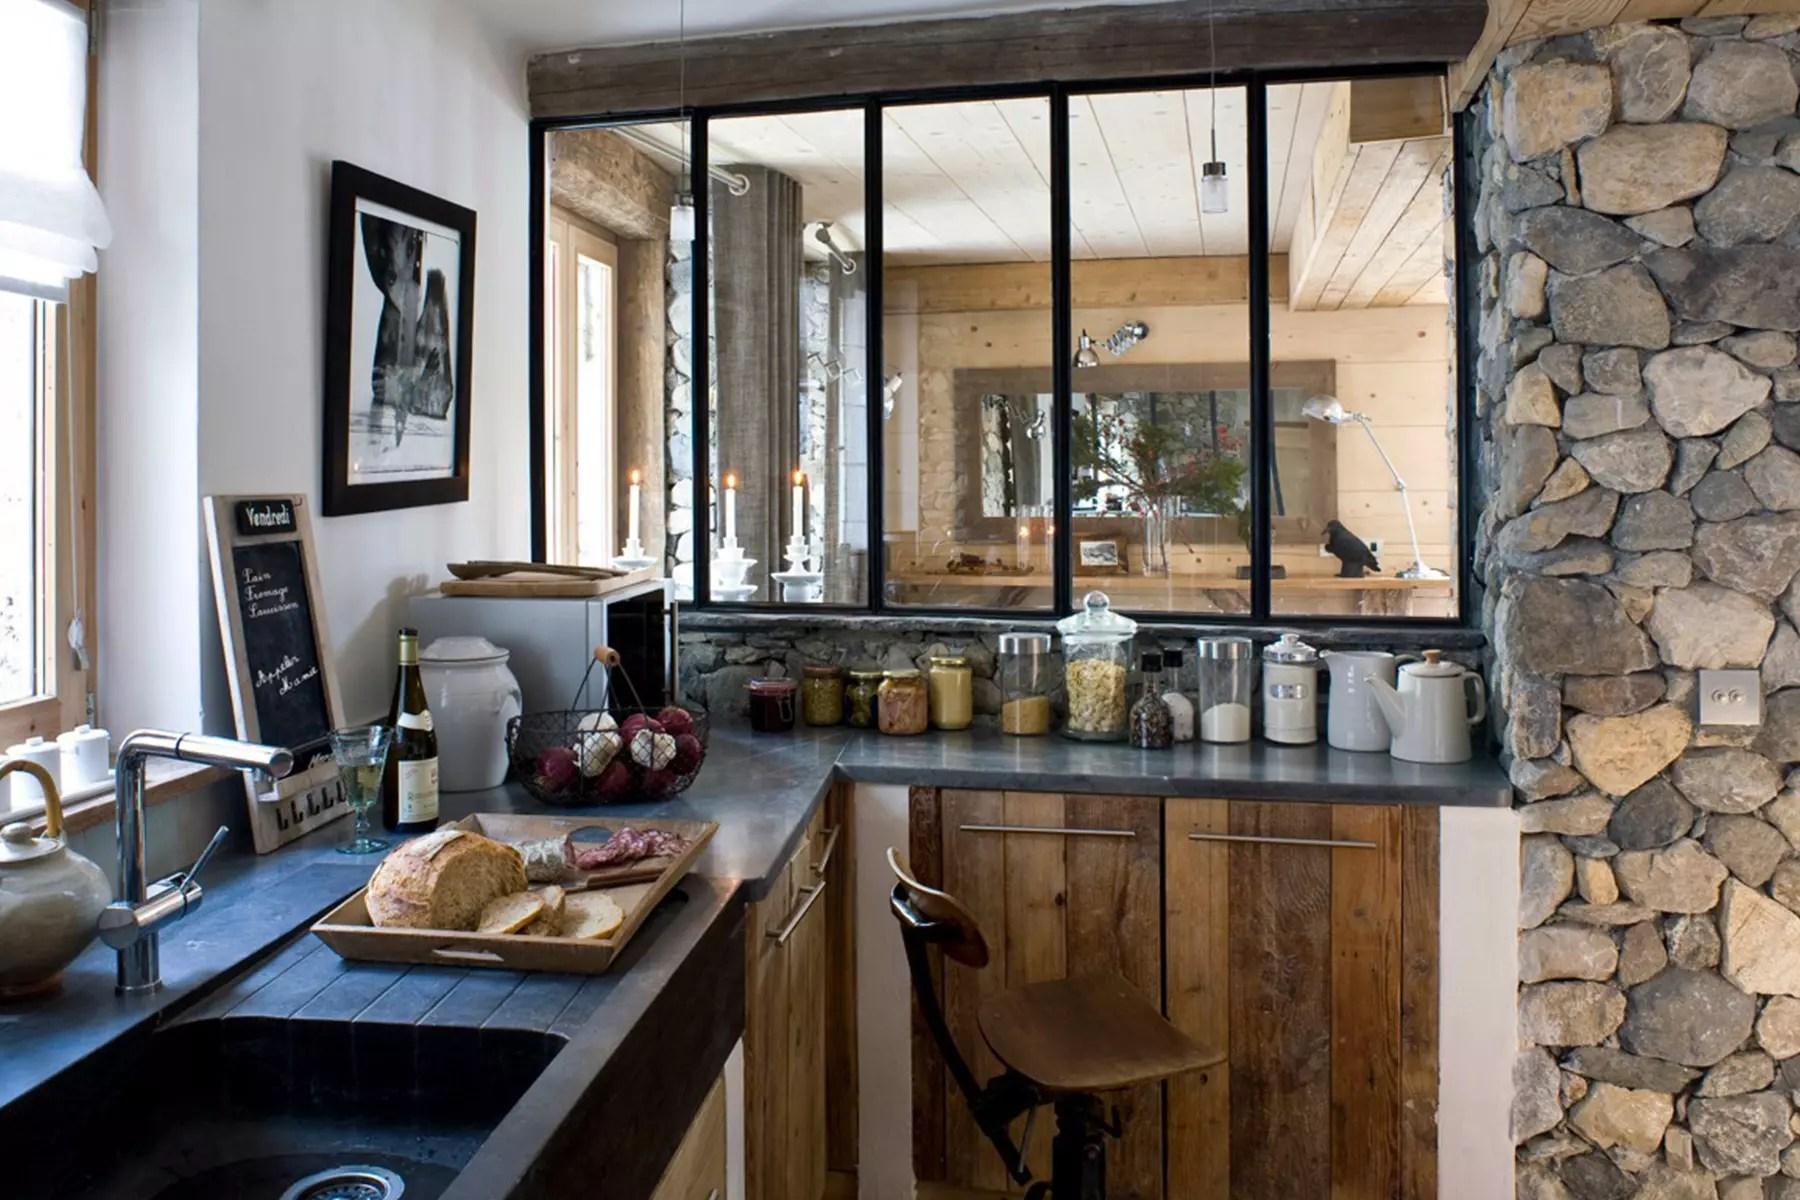 Best Rideaux Cuisine Style Montagne Images - Payn.us - payn.us